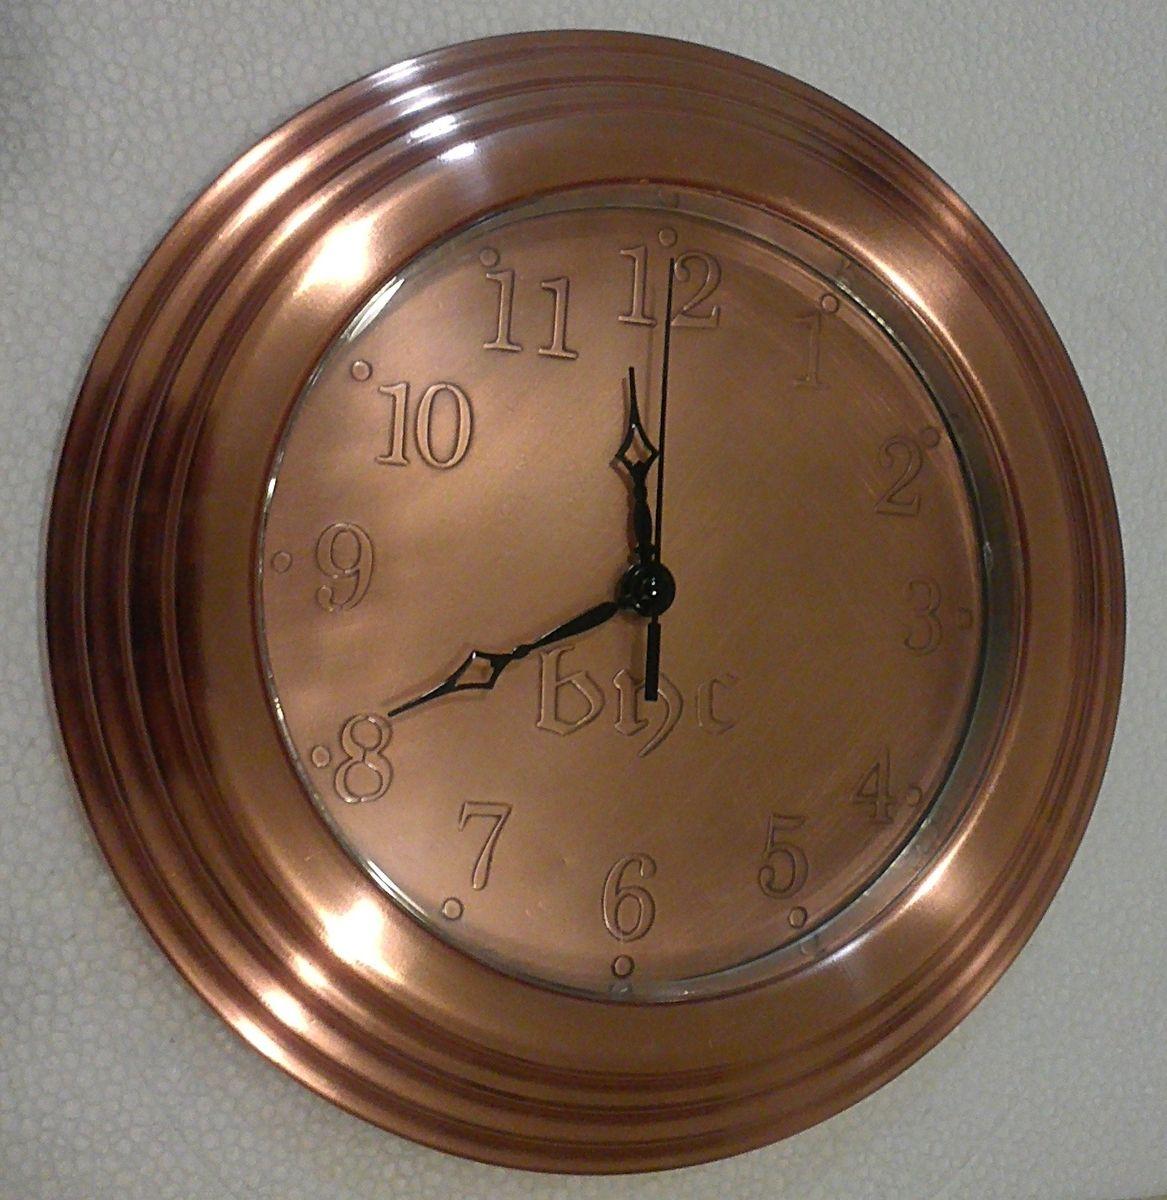 Hand Made Copper Wall Clock By Cu Copper Design